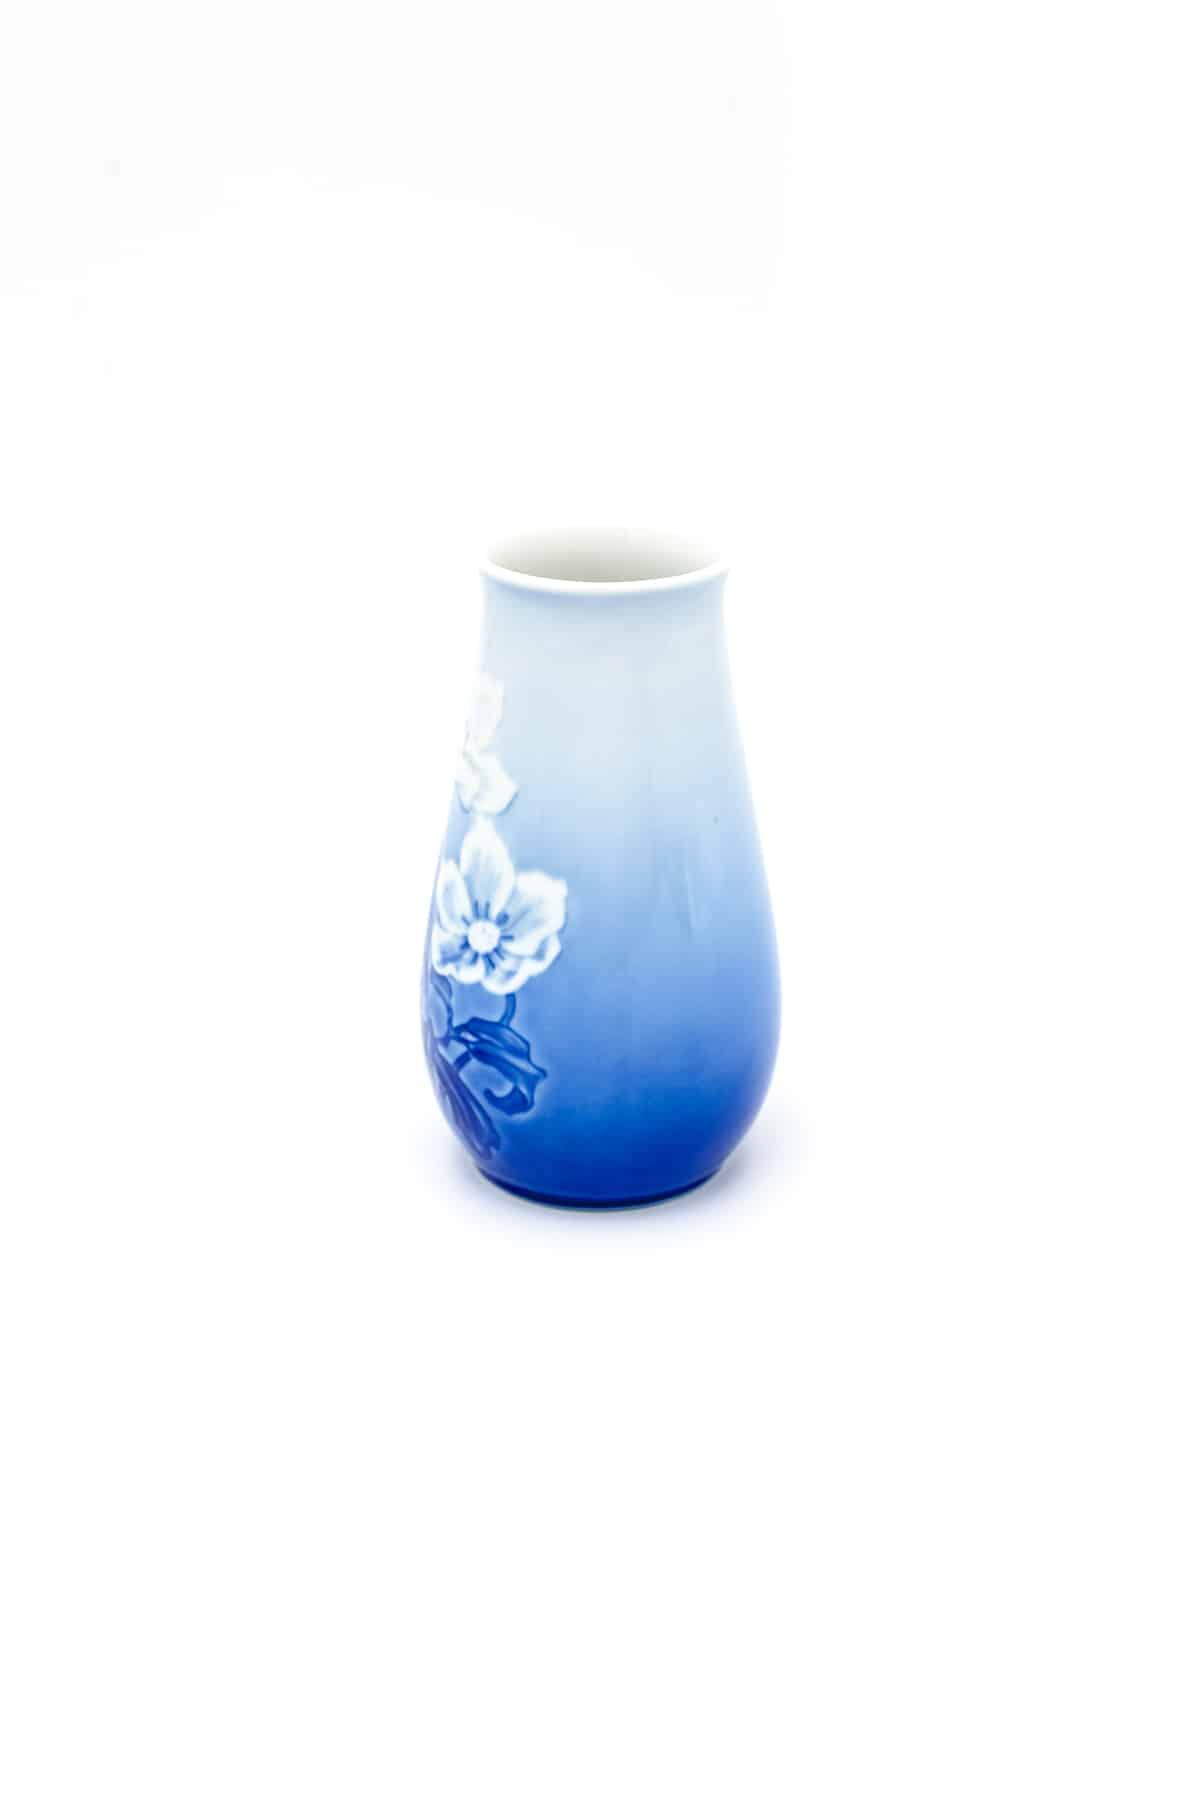 farforovaiy vaza c relefnymi tsetami